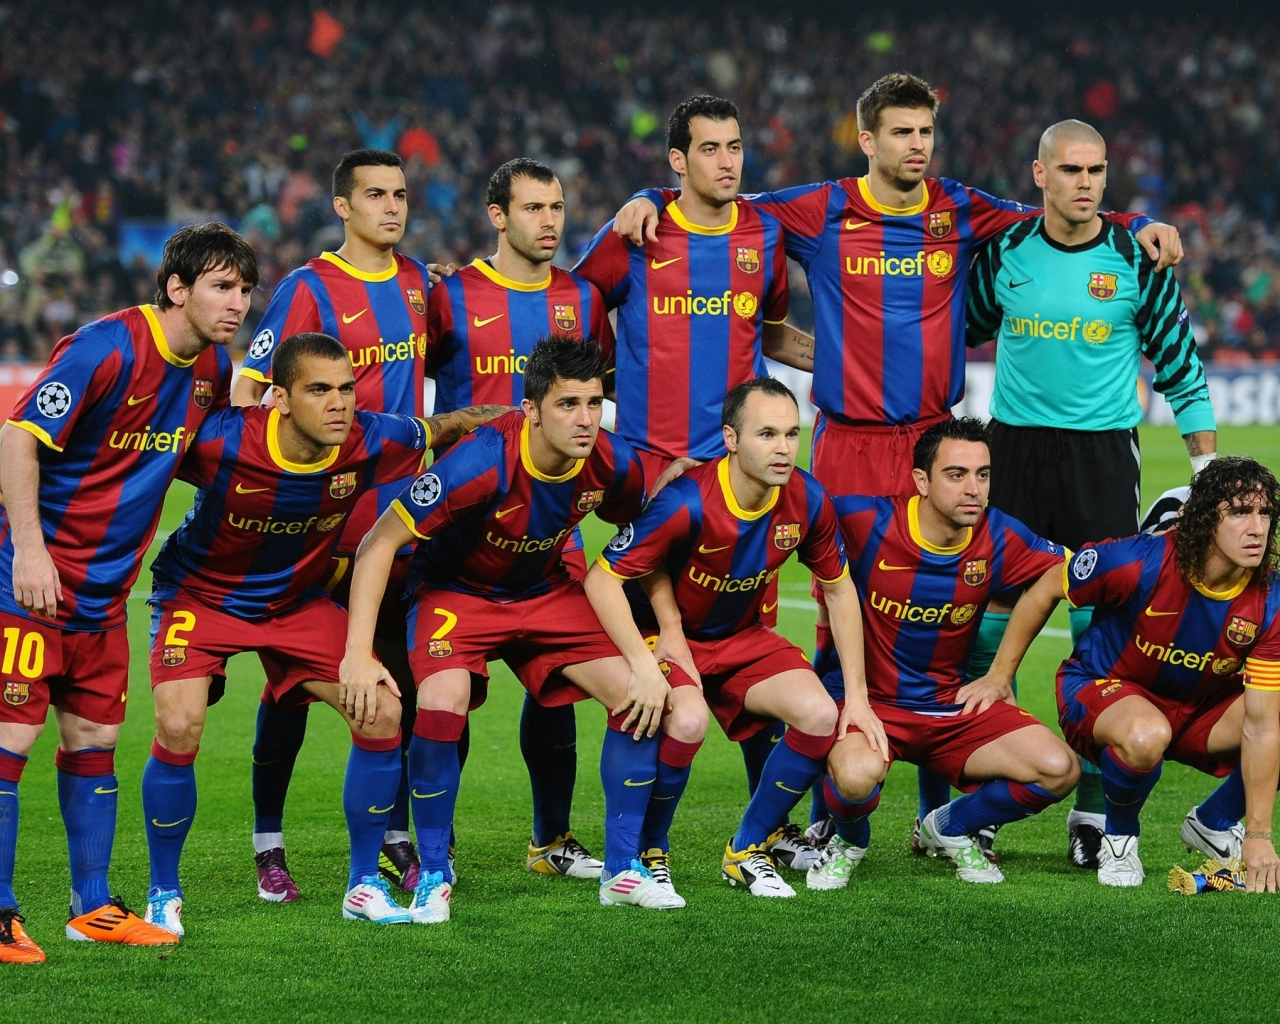 Selección del Barcelona 2015 - 1280x1024